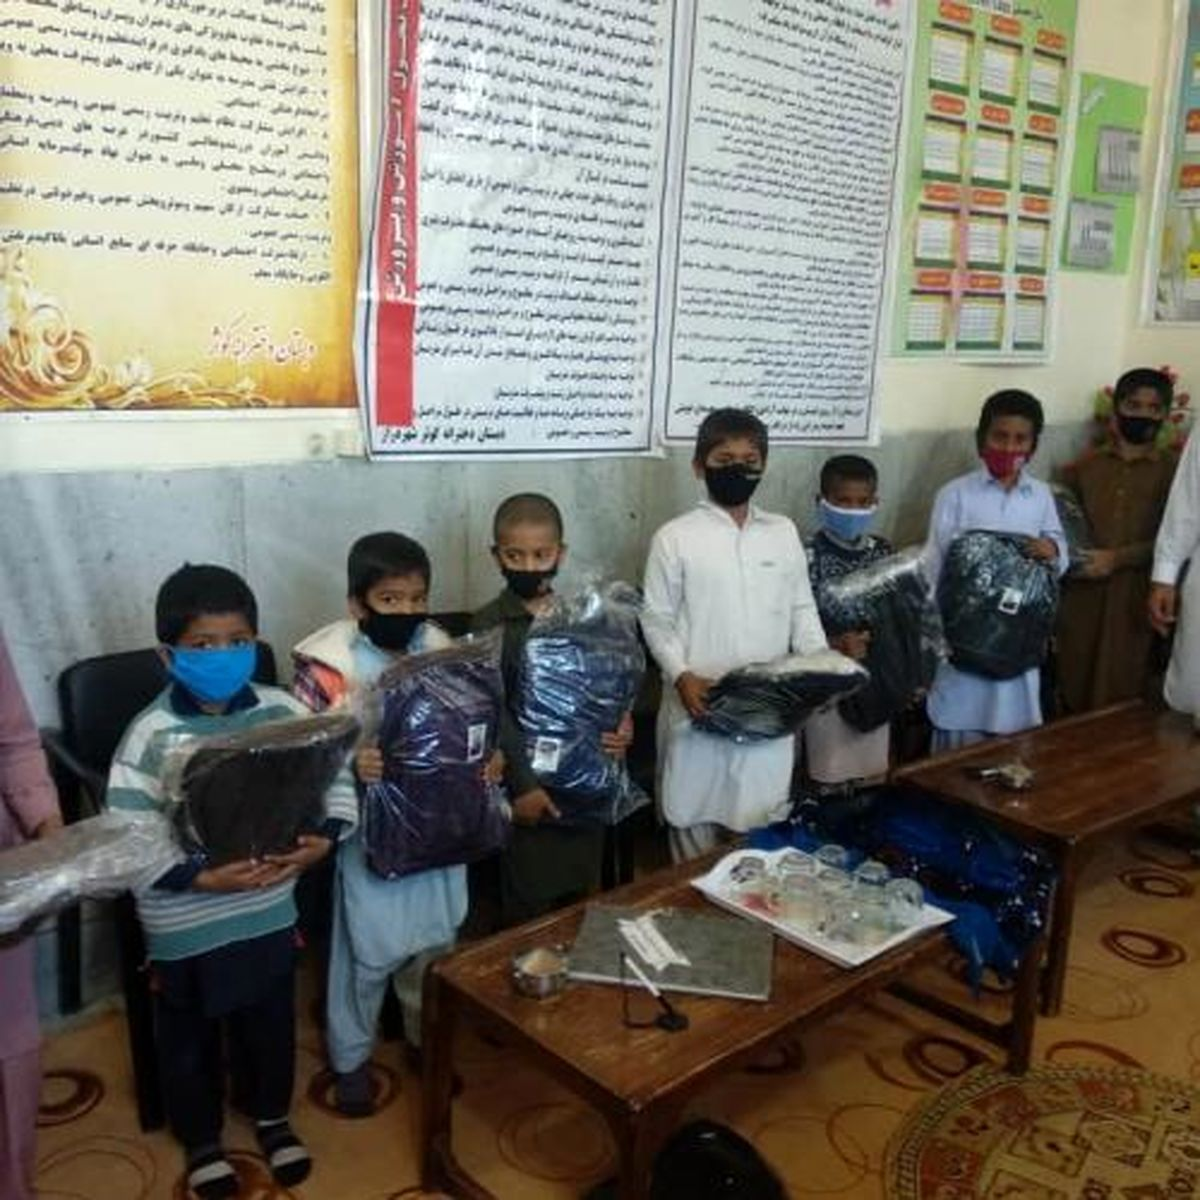 توزیع ۱۳۰۰ بسته اقلام تحصیلی در آستانه مهرماه